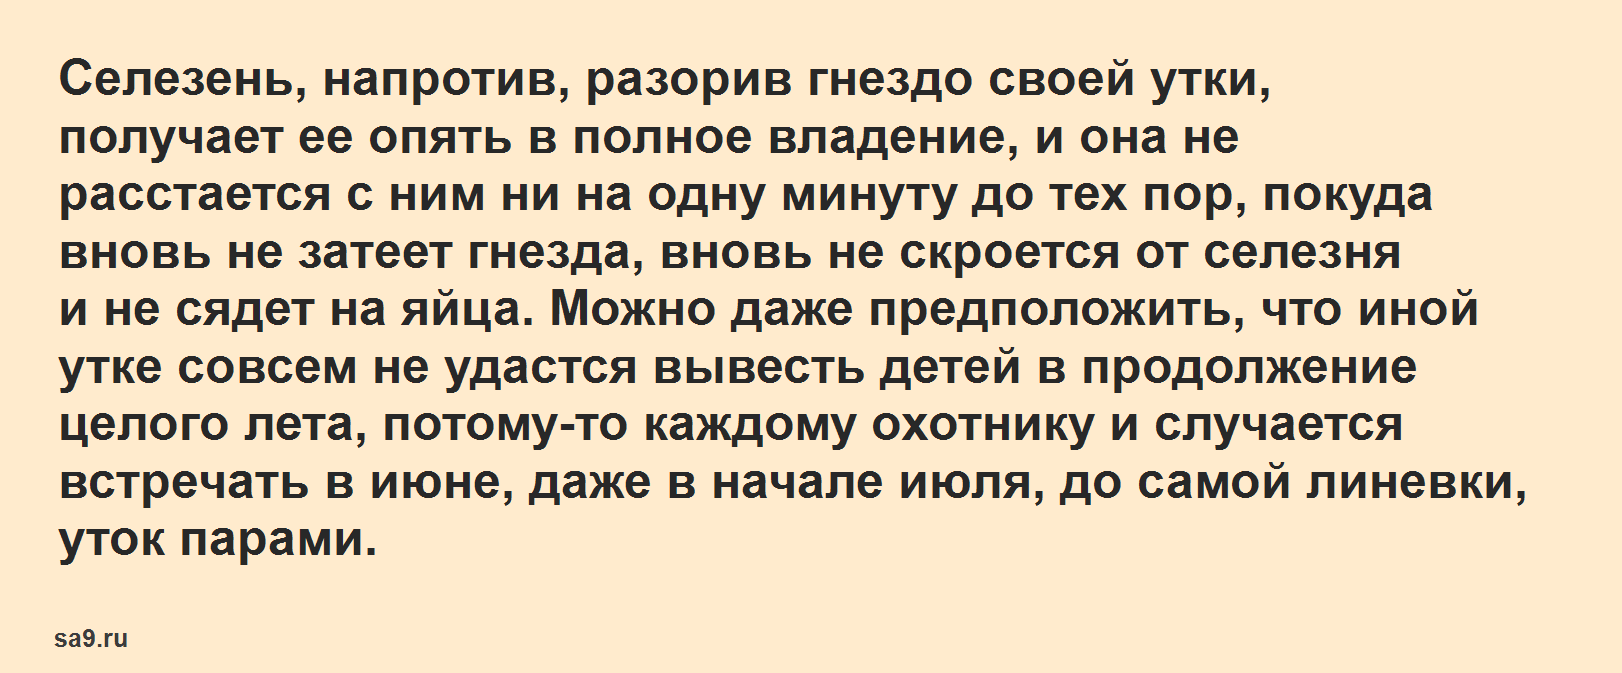 Рассказ Аксакова - Утки, для детей читать текст полностью